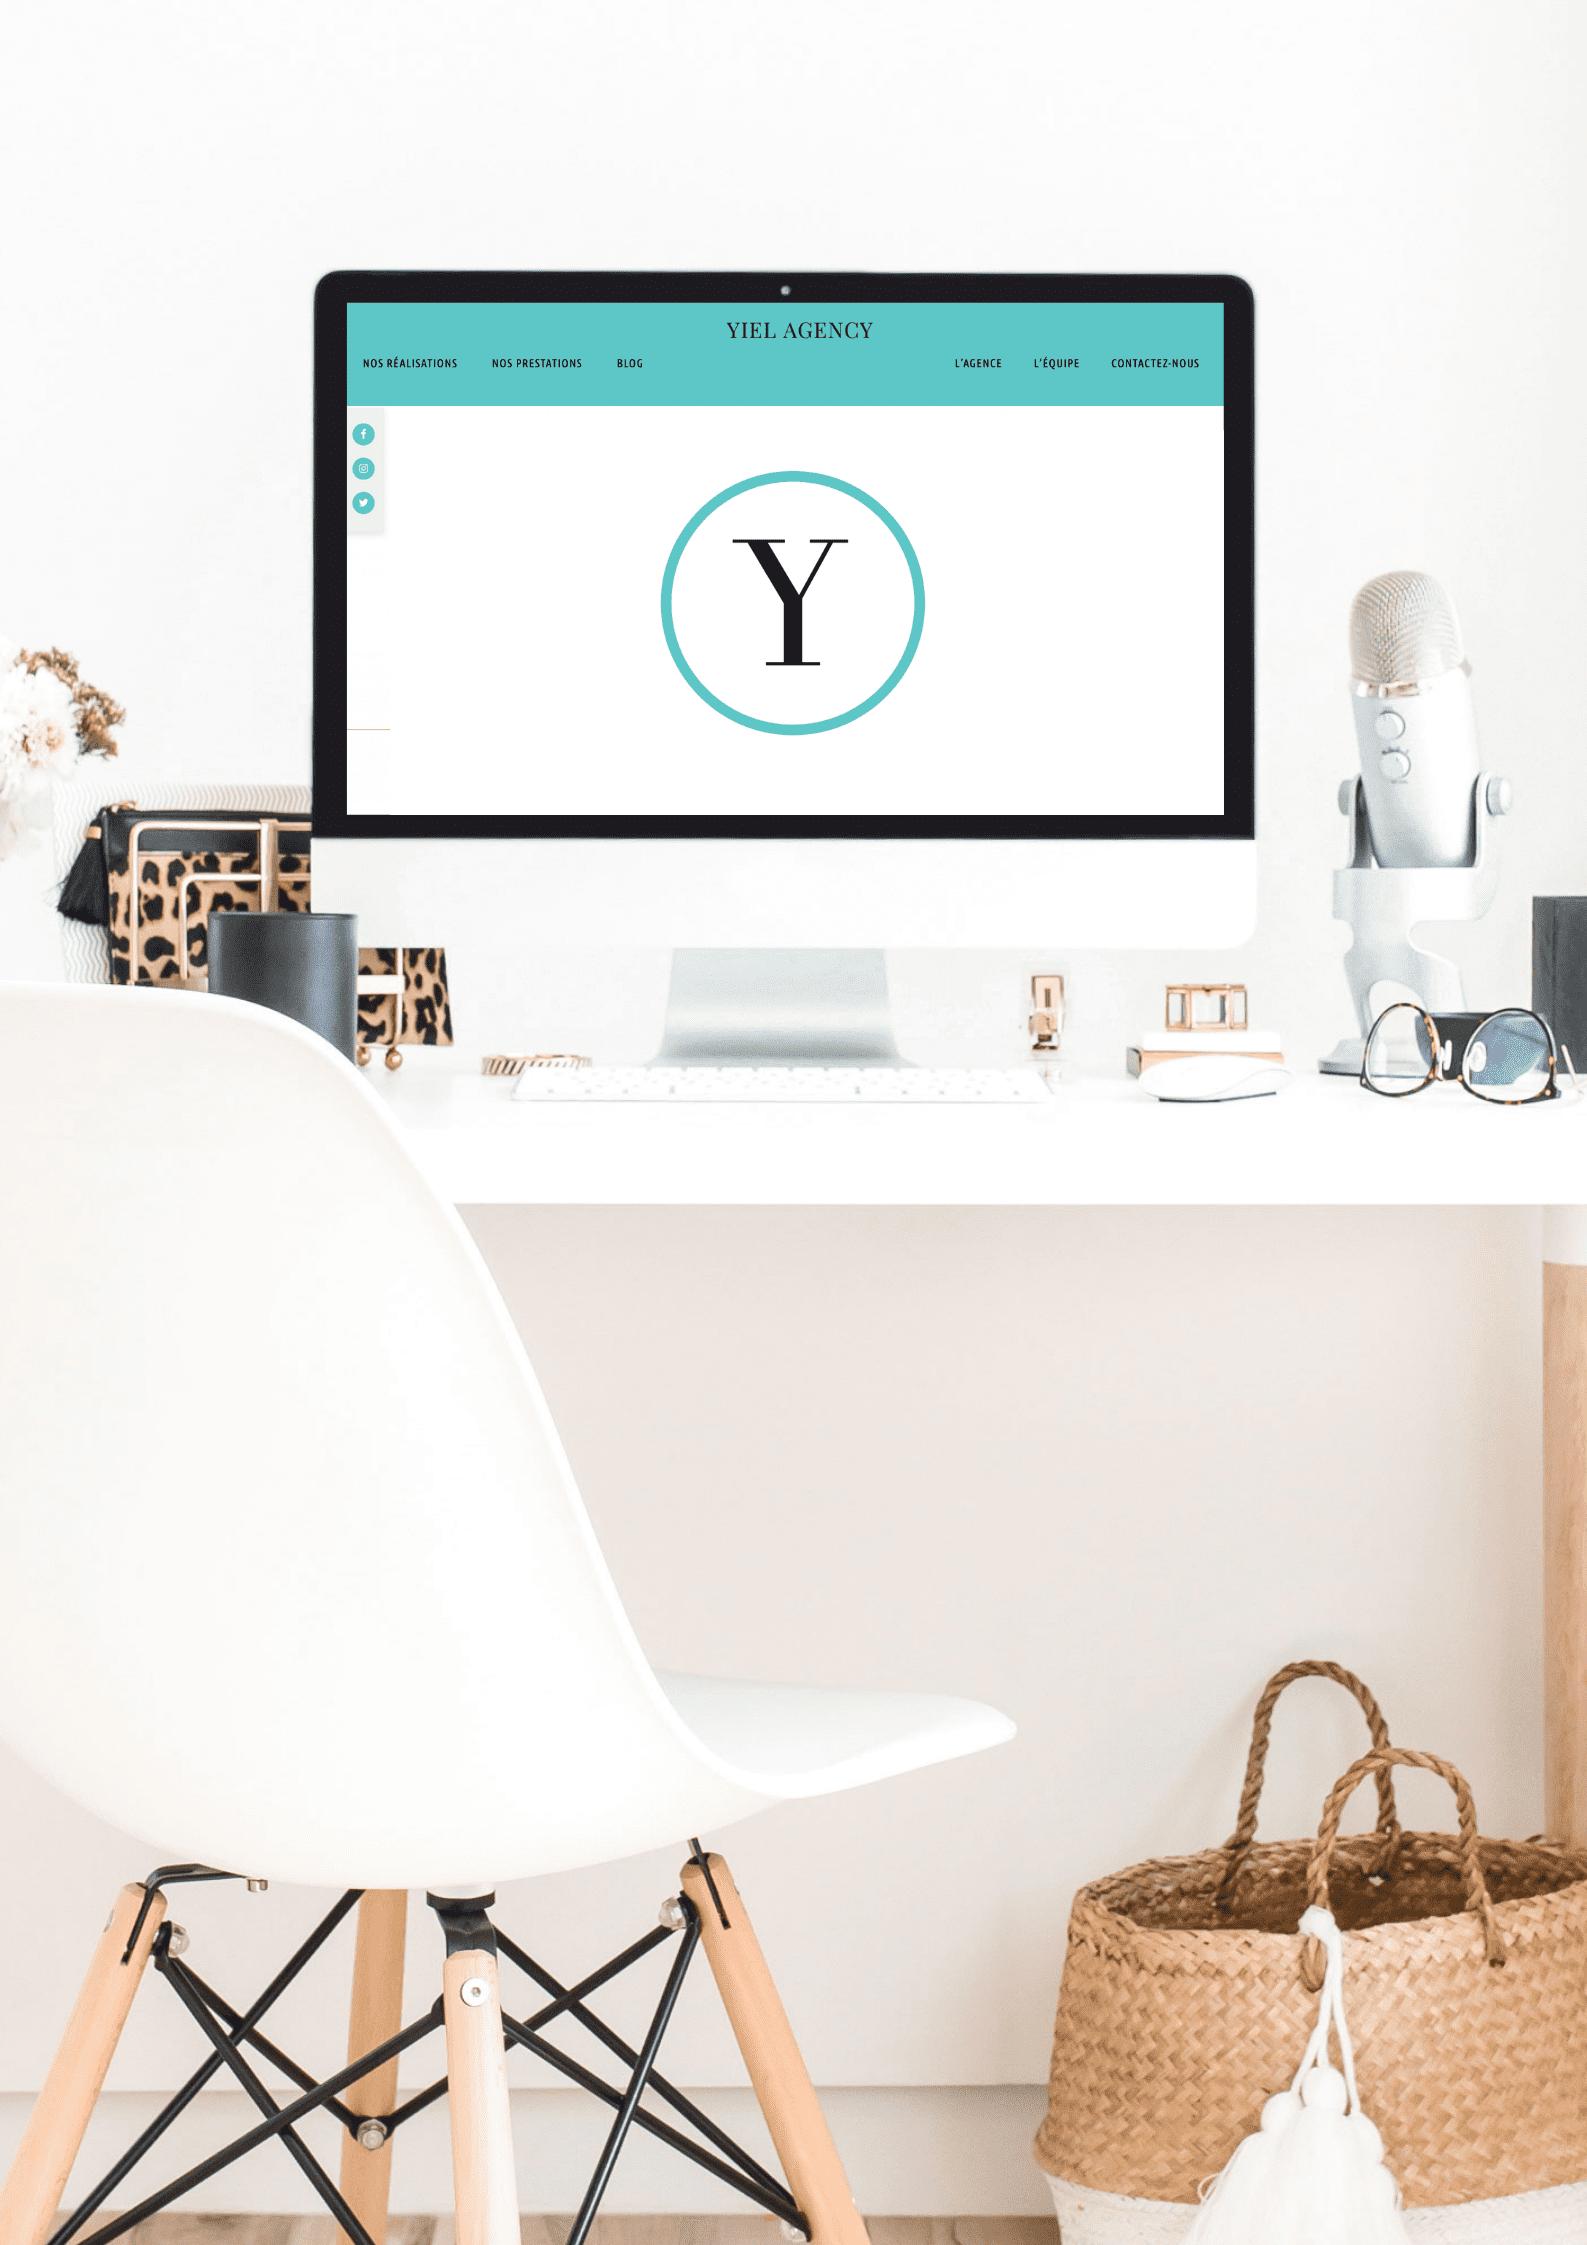 Yiel Agency référencement site internet